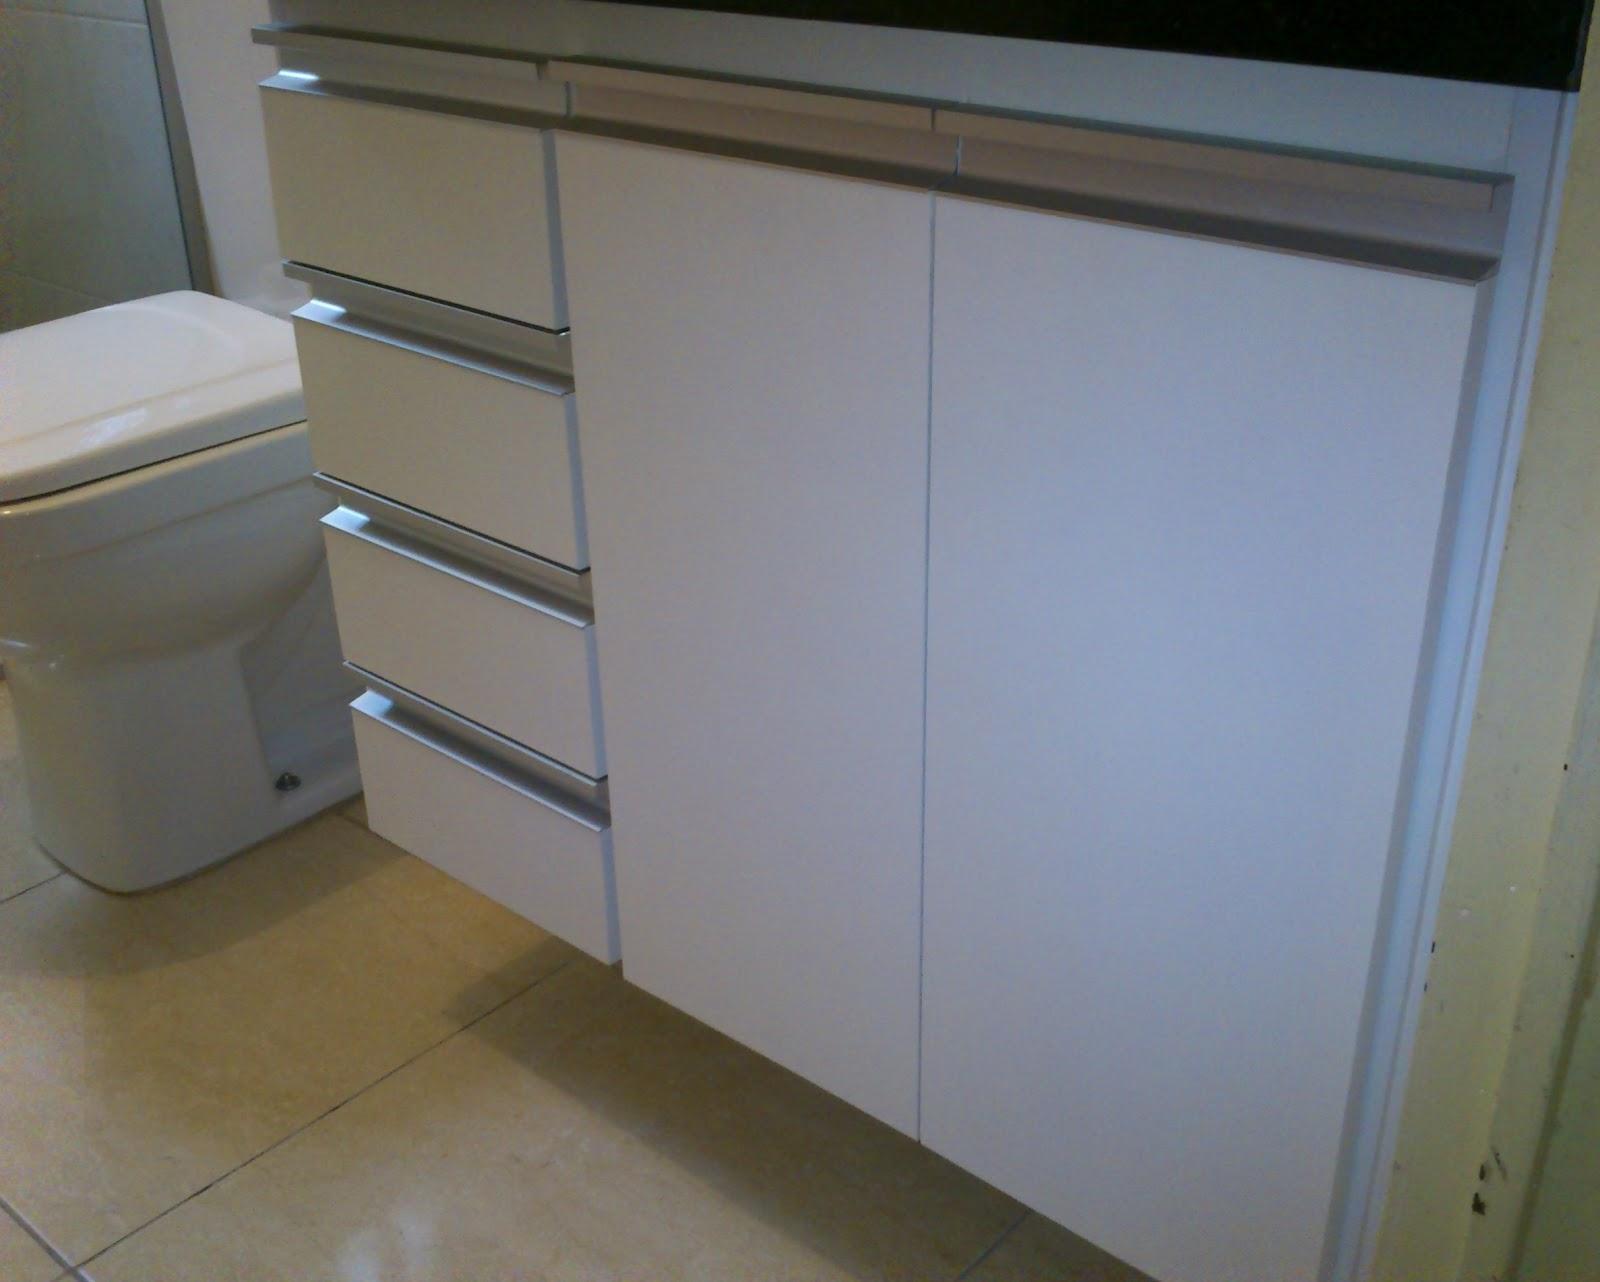 : Armário de Banheiro (Padrão Branco) Puxadores em Perfil de  #3C688F 1600x1282 Armario Banheiro De Aluminio